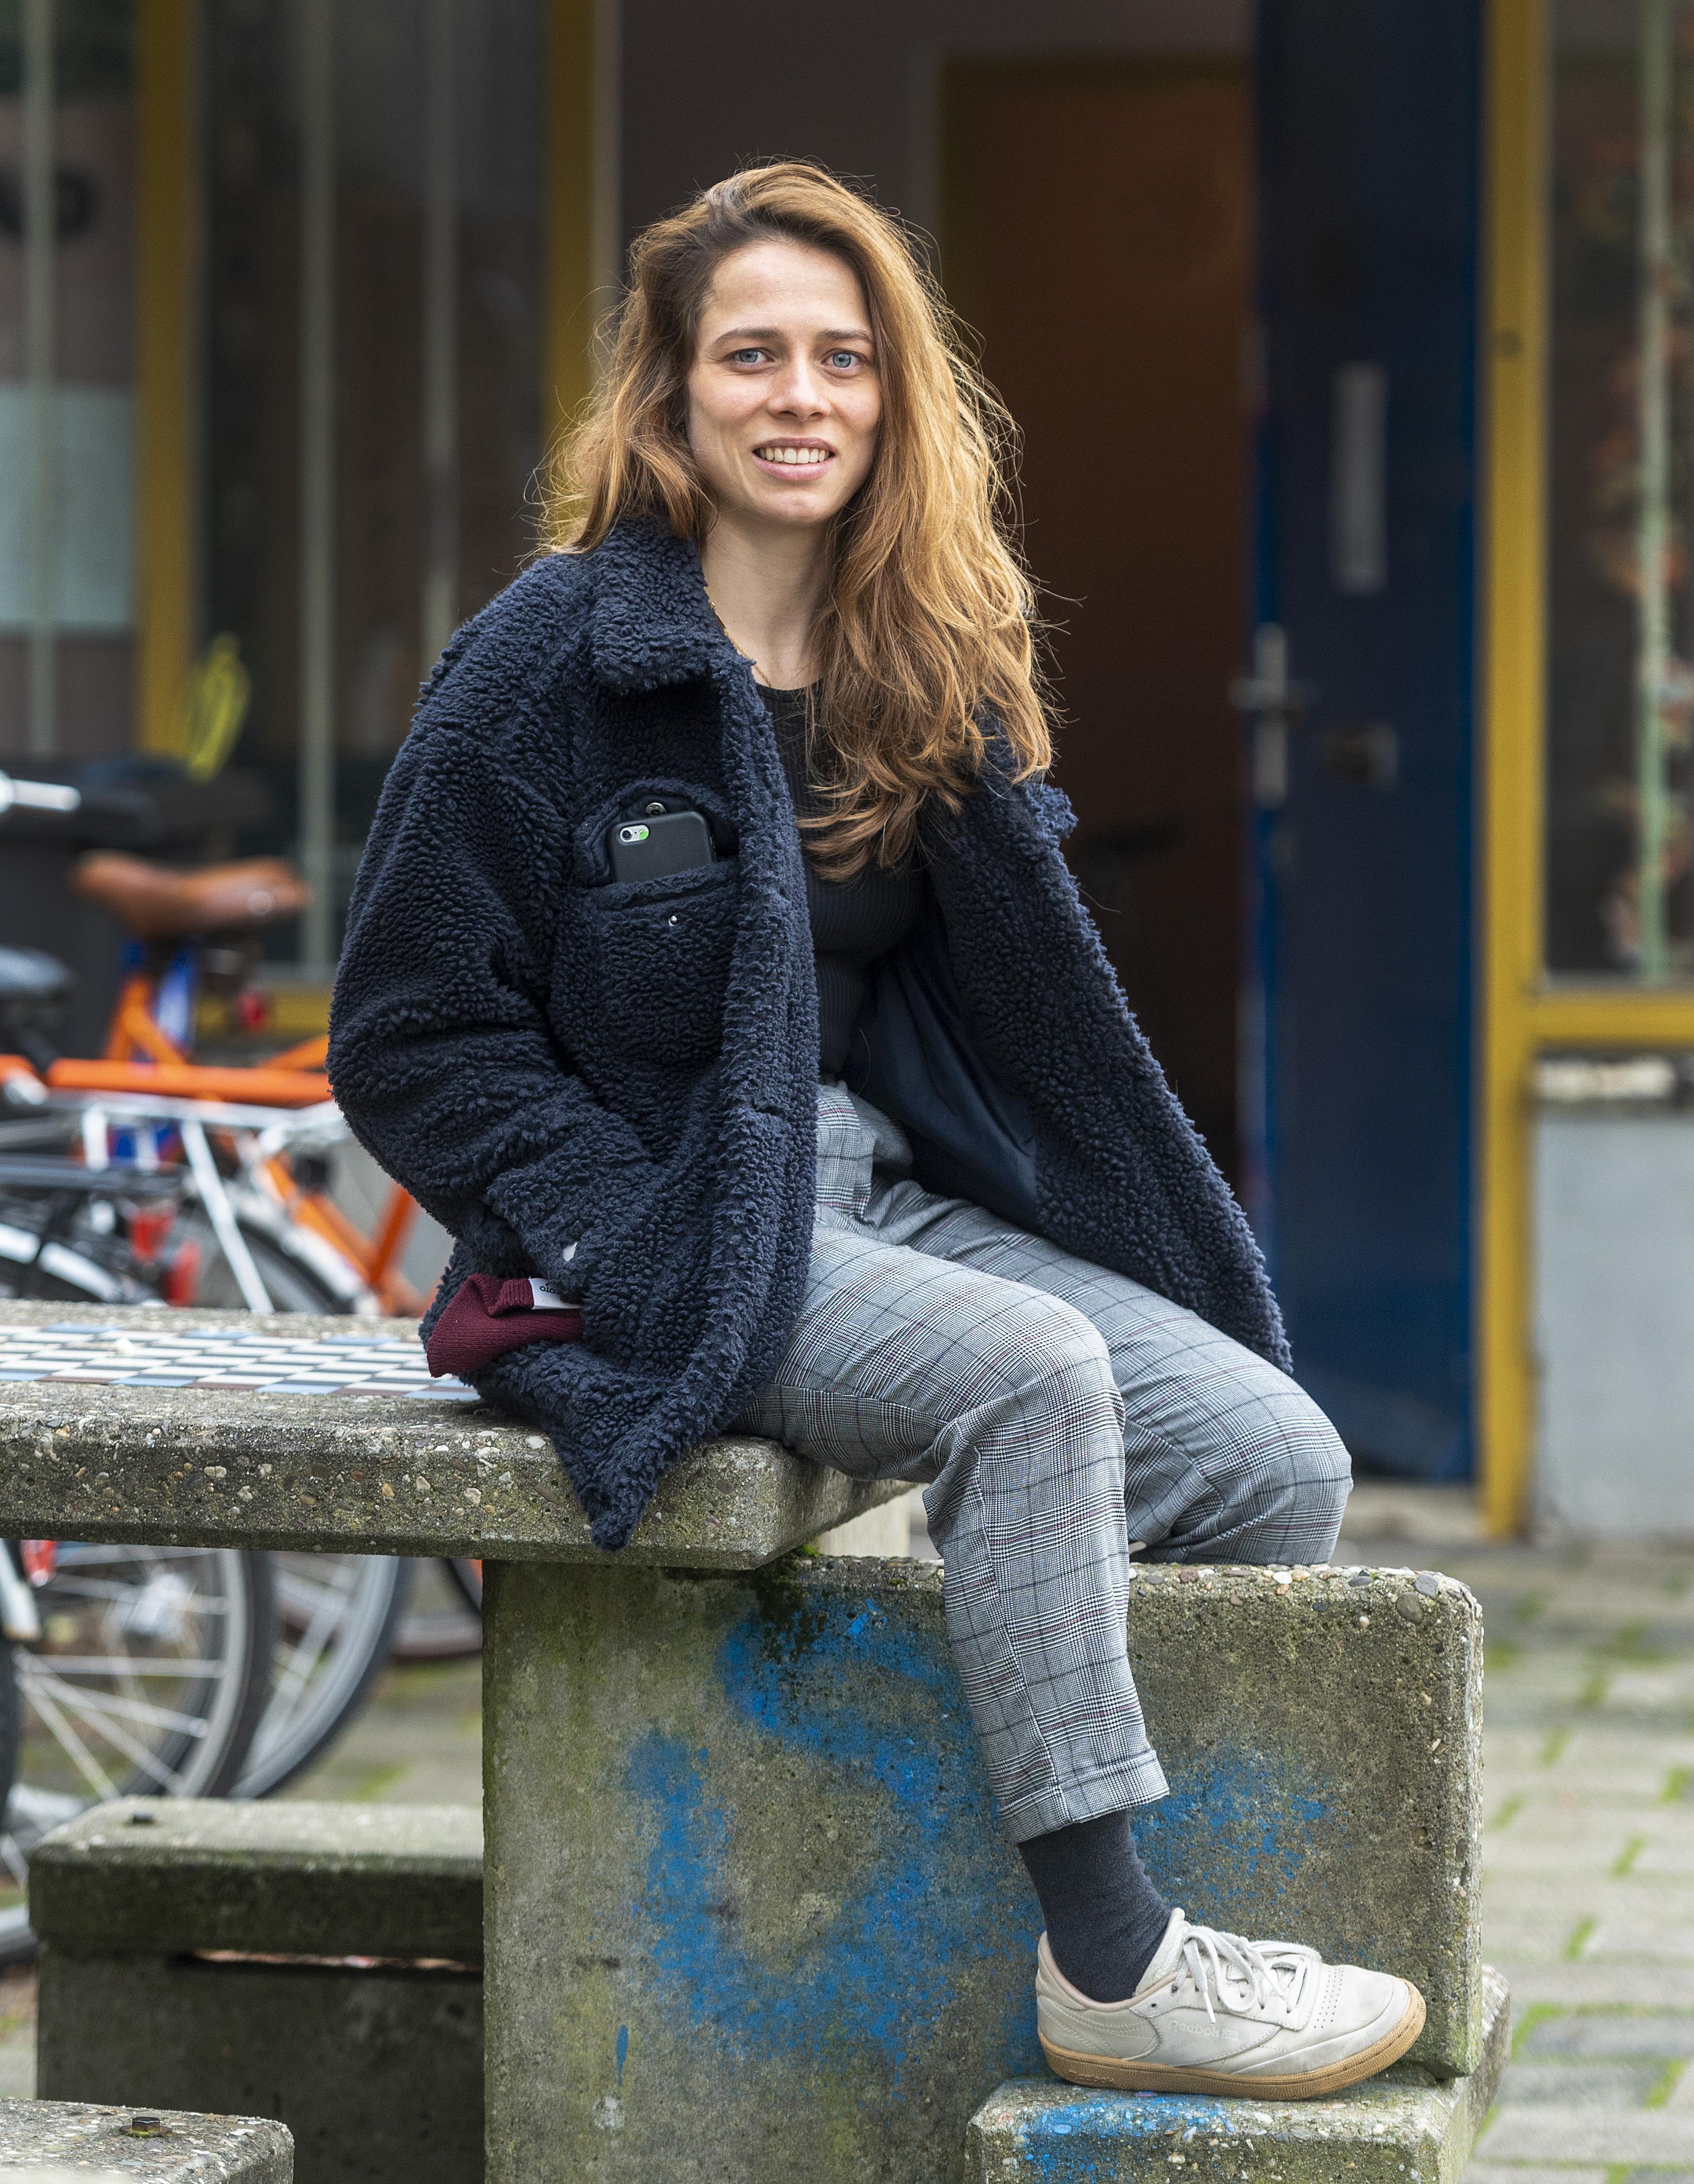 'Het is heel tof om een ander te laten shinen.' Birgit Ente helpt jongeren bij de verwezenlijking van hun plannen